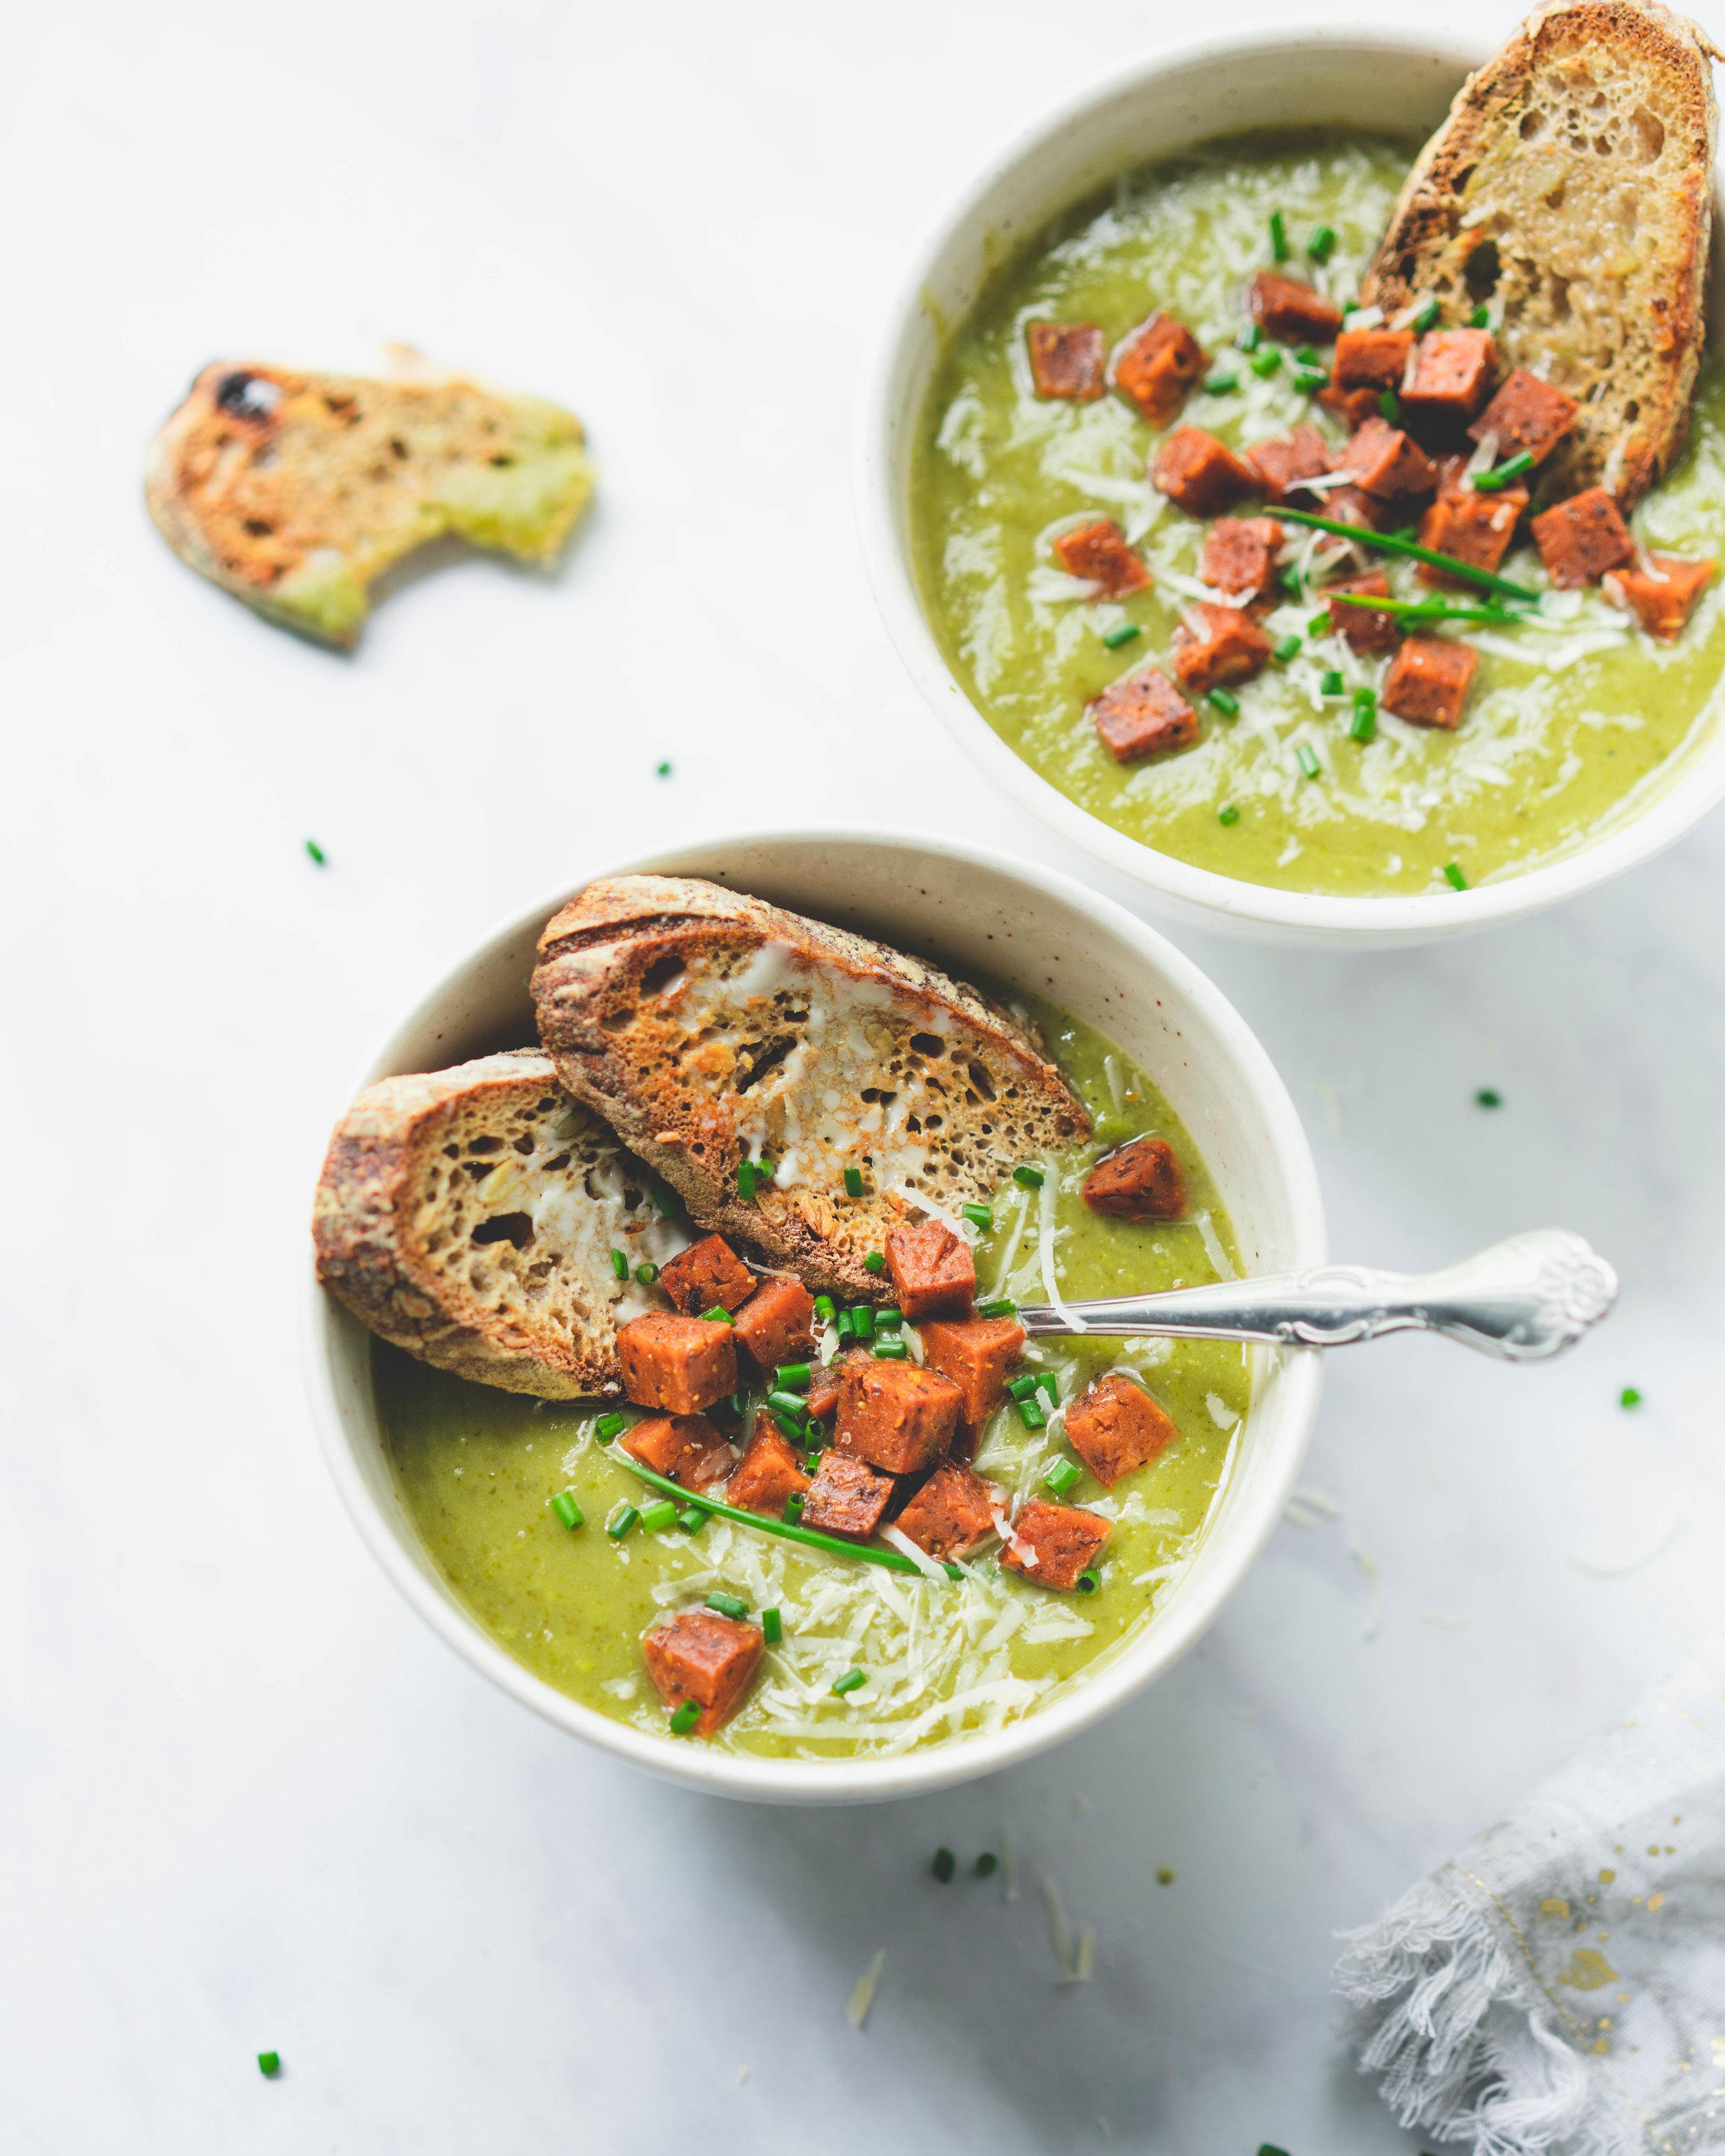 Soupe printanière : feuilles de rabiole et patates - donne 4-6 portions